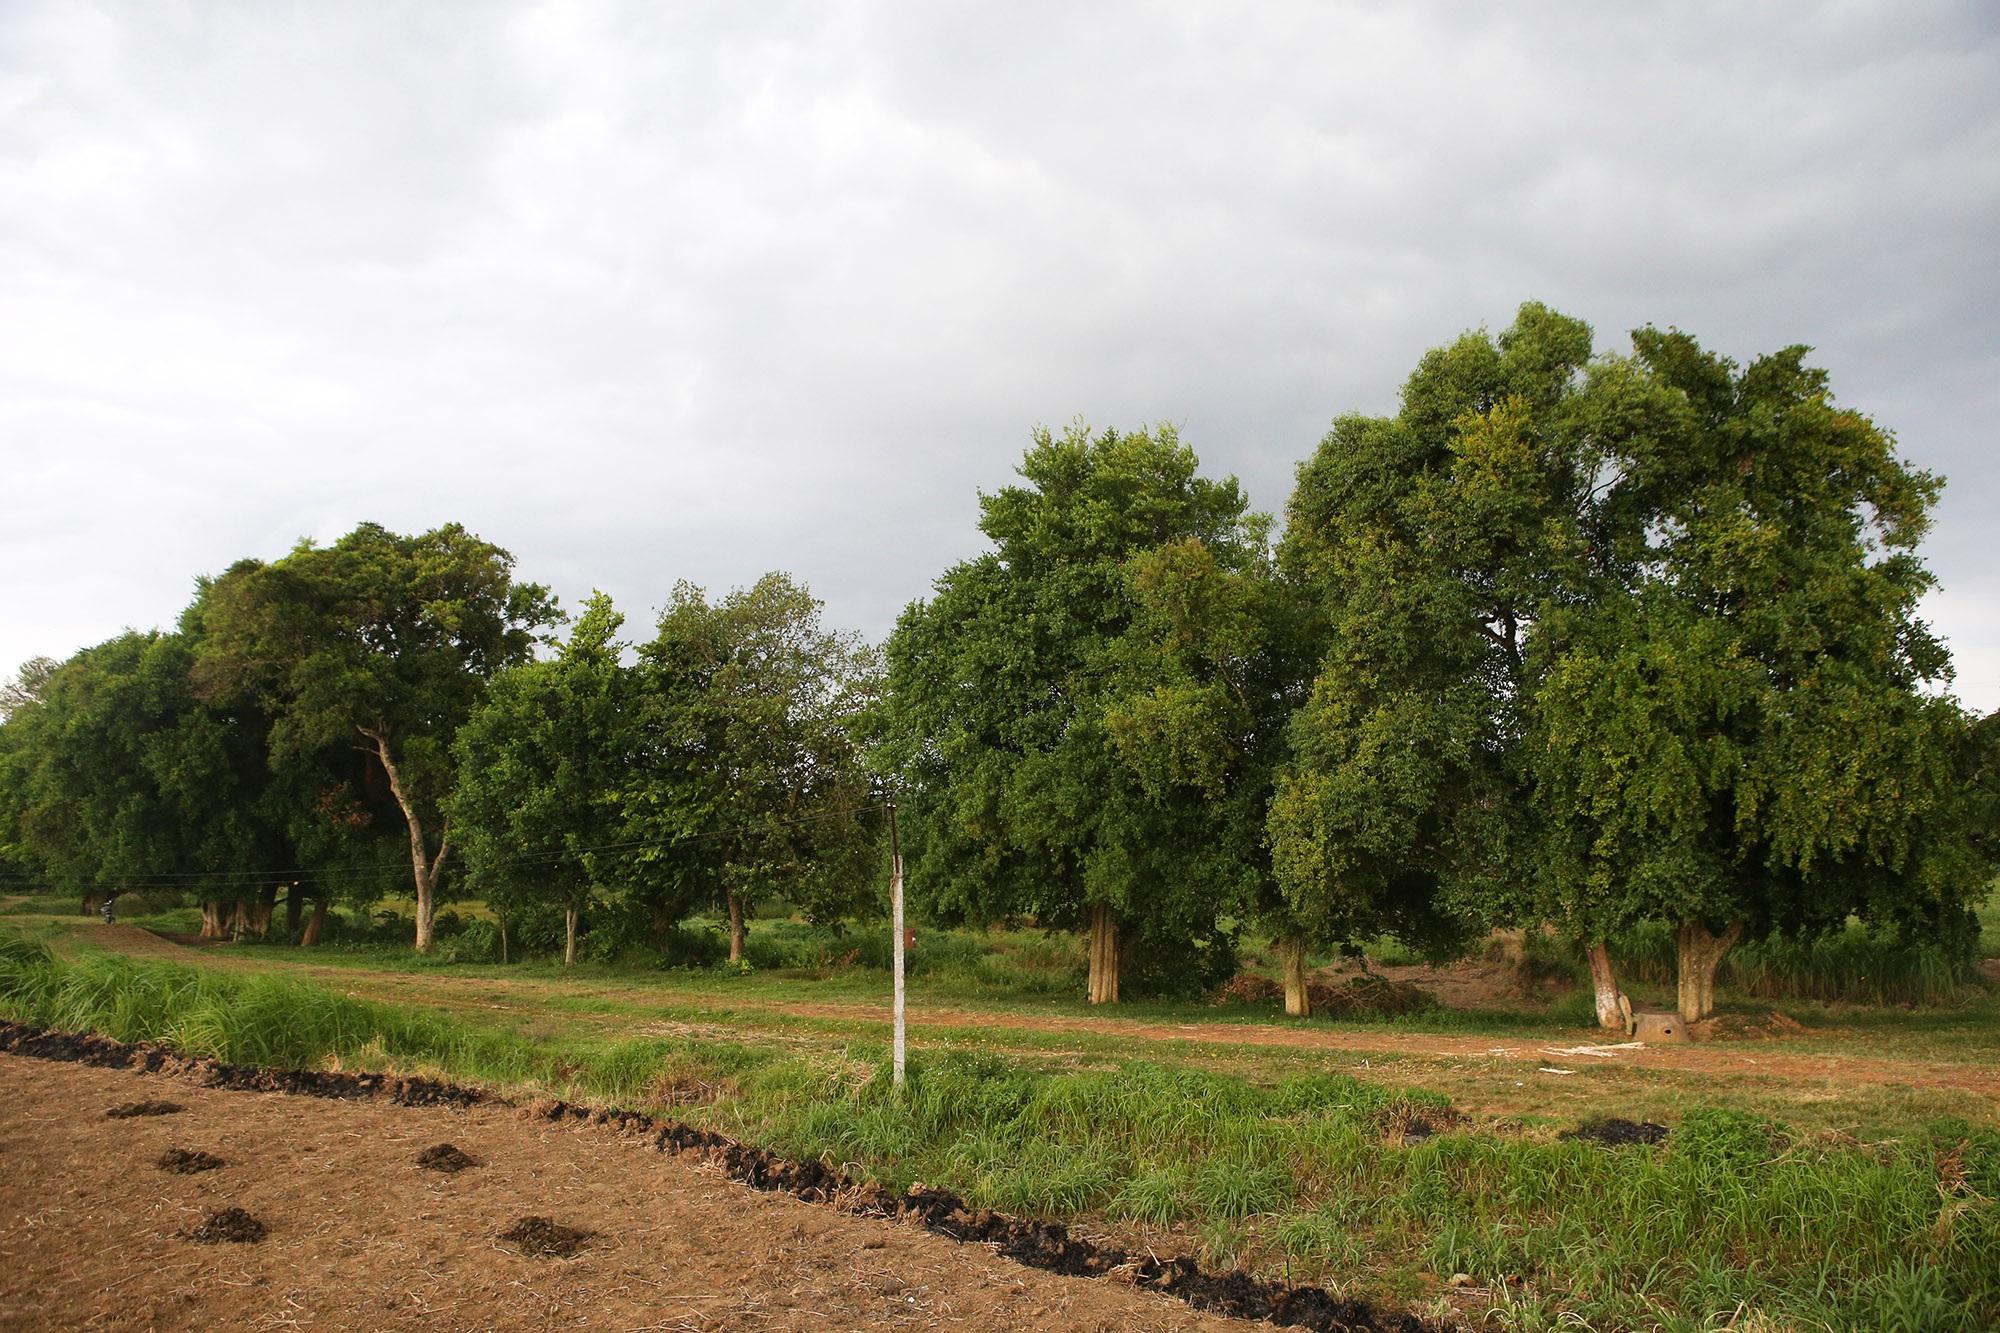 Rặng cây duối cổ hơn 1000 năm tuổi ở Hà Nội - 13